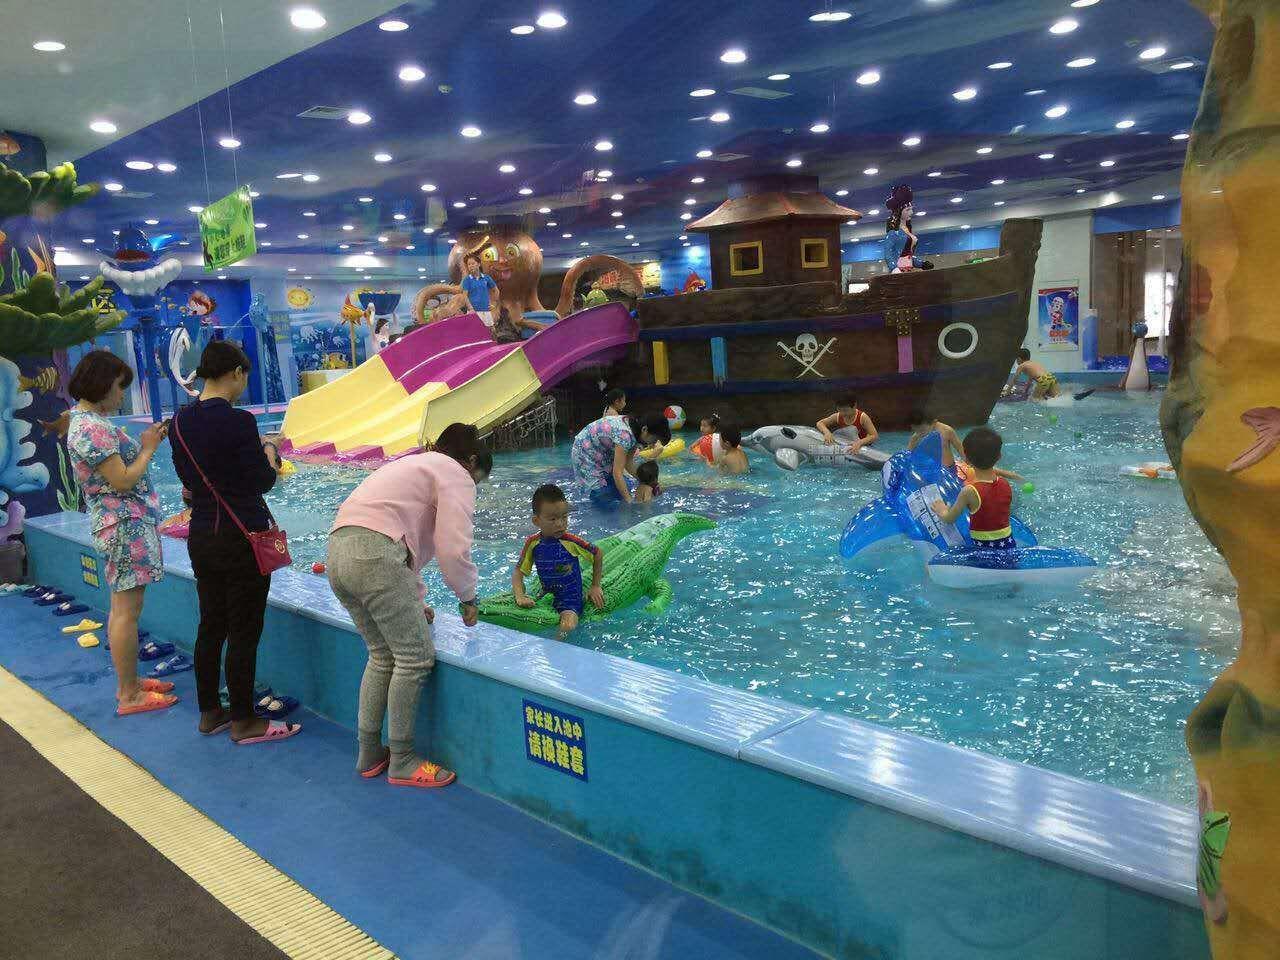 儿童水上乐园对于装修设计施工有哪些要求的呢?